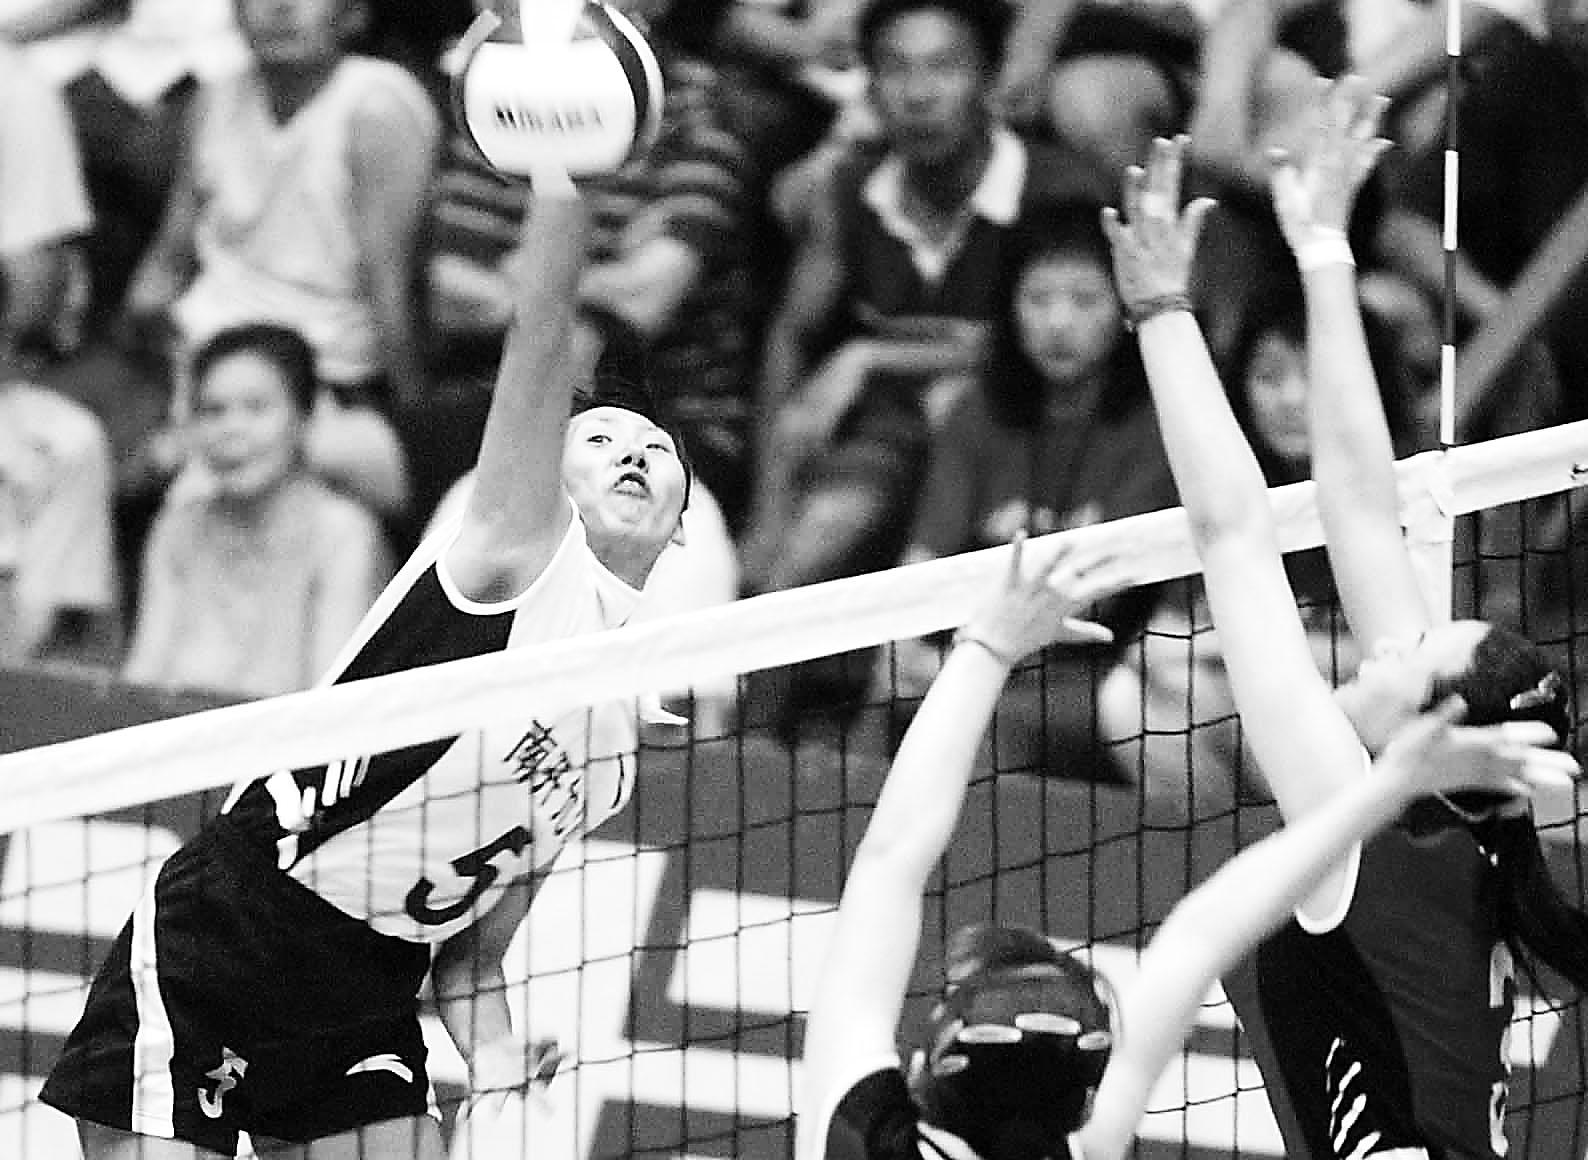 全国女排联赛 南开大学主场告捷3 0完胜广东 高清图片